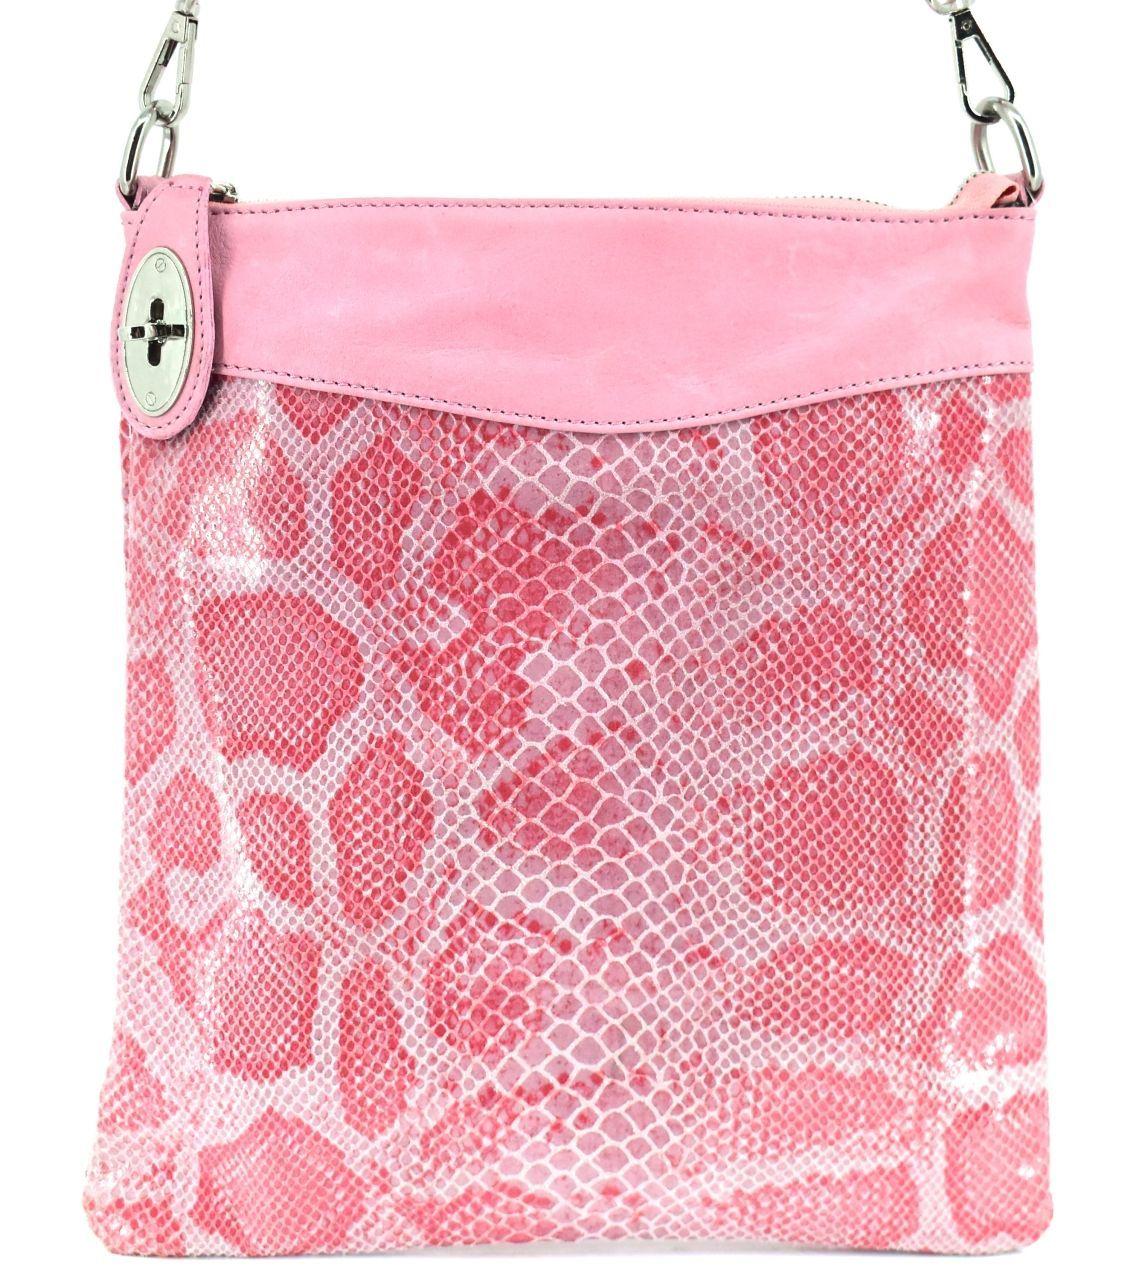 Dámská kožená kabelka crossbody Arteddy - růžová 29686